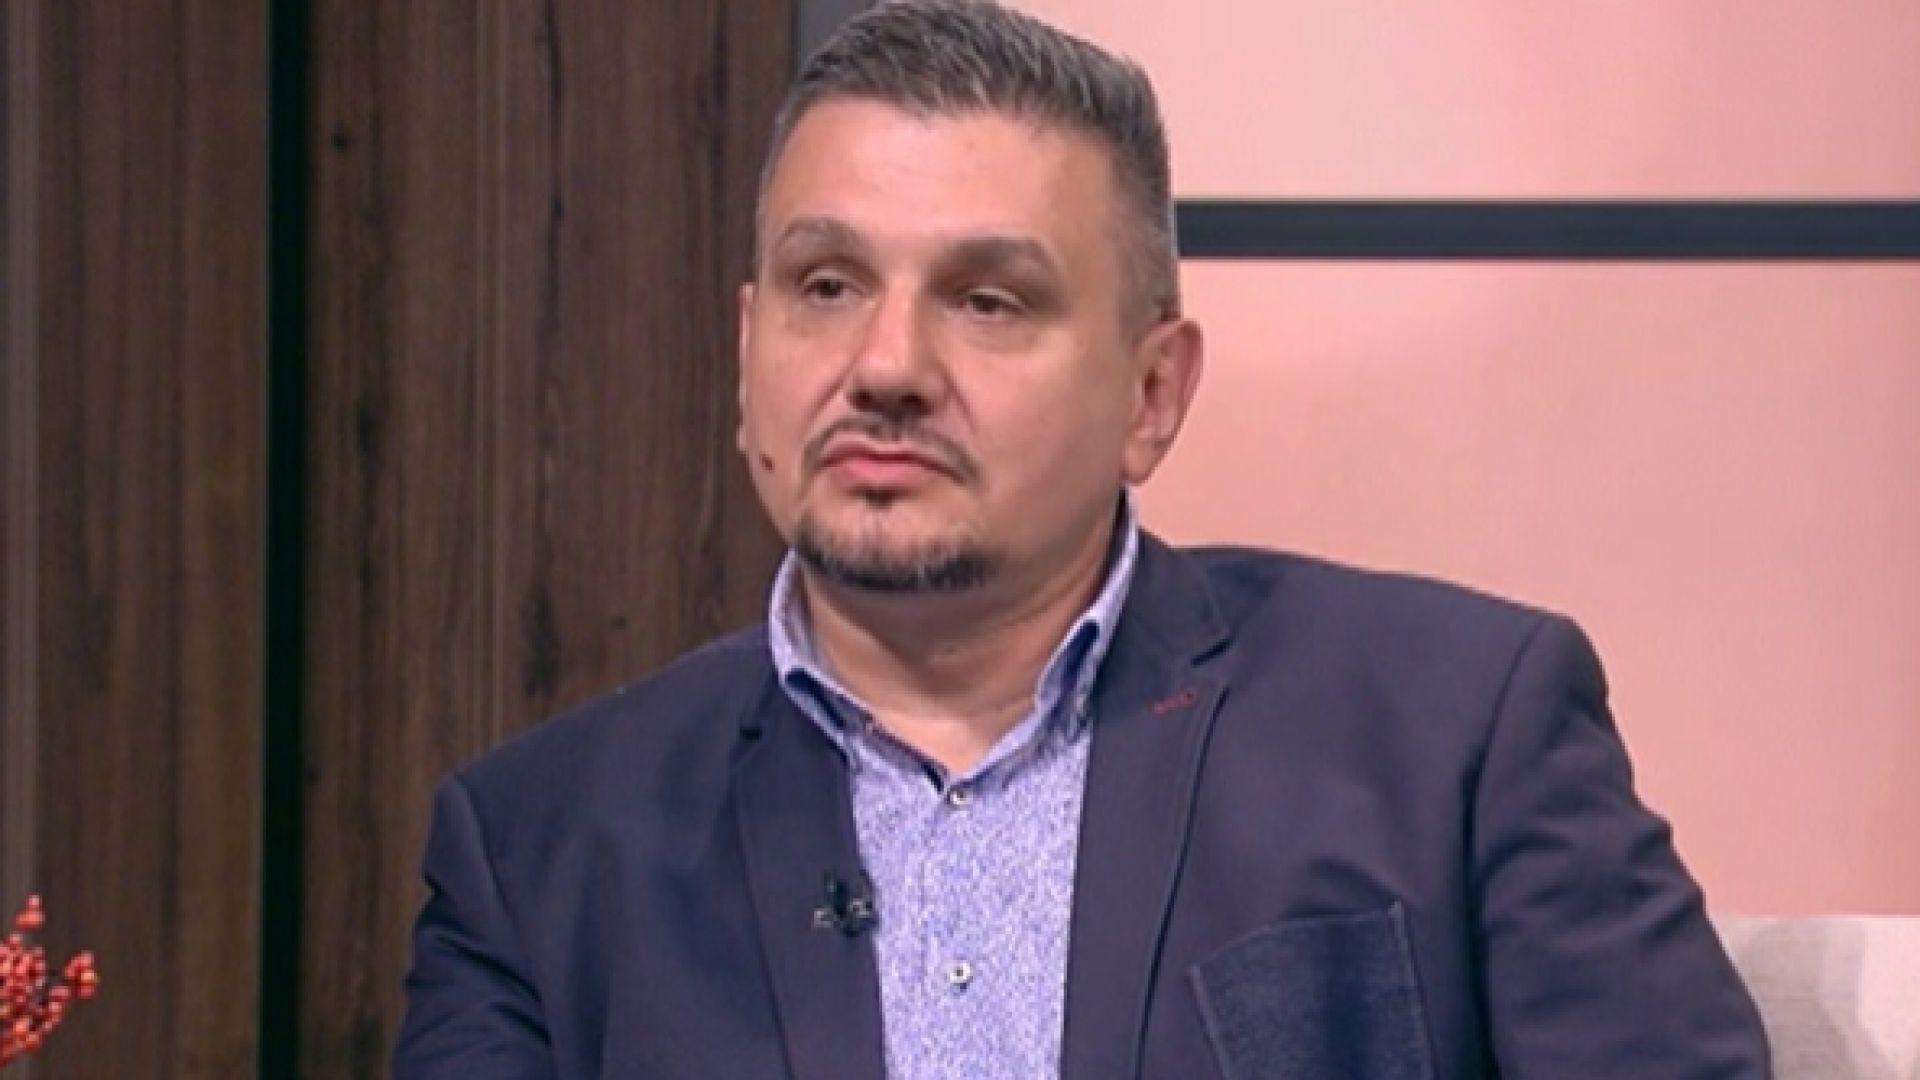 Криминалният психолог Тодор Тодоров: Влизам в партията на Цветан Цветанов, защото му вярвам